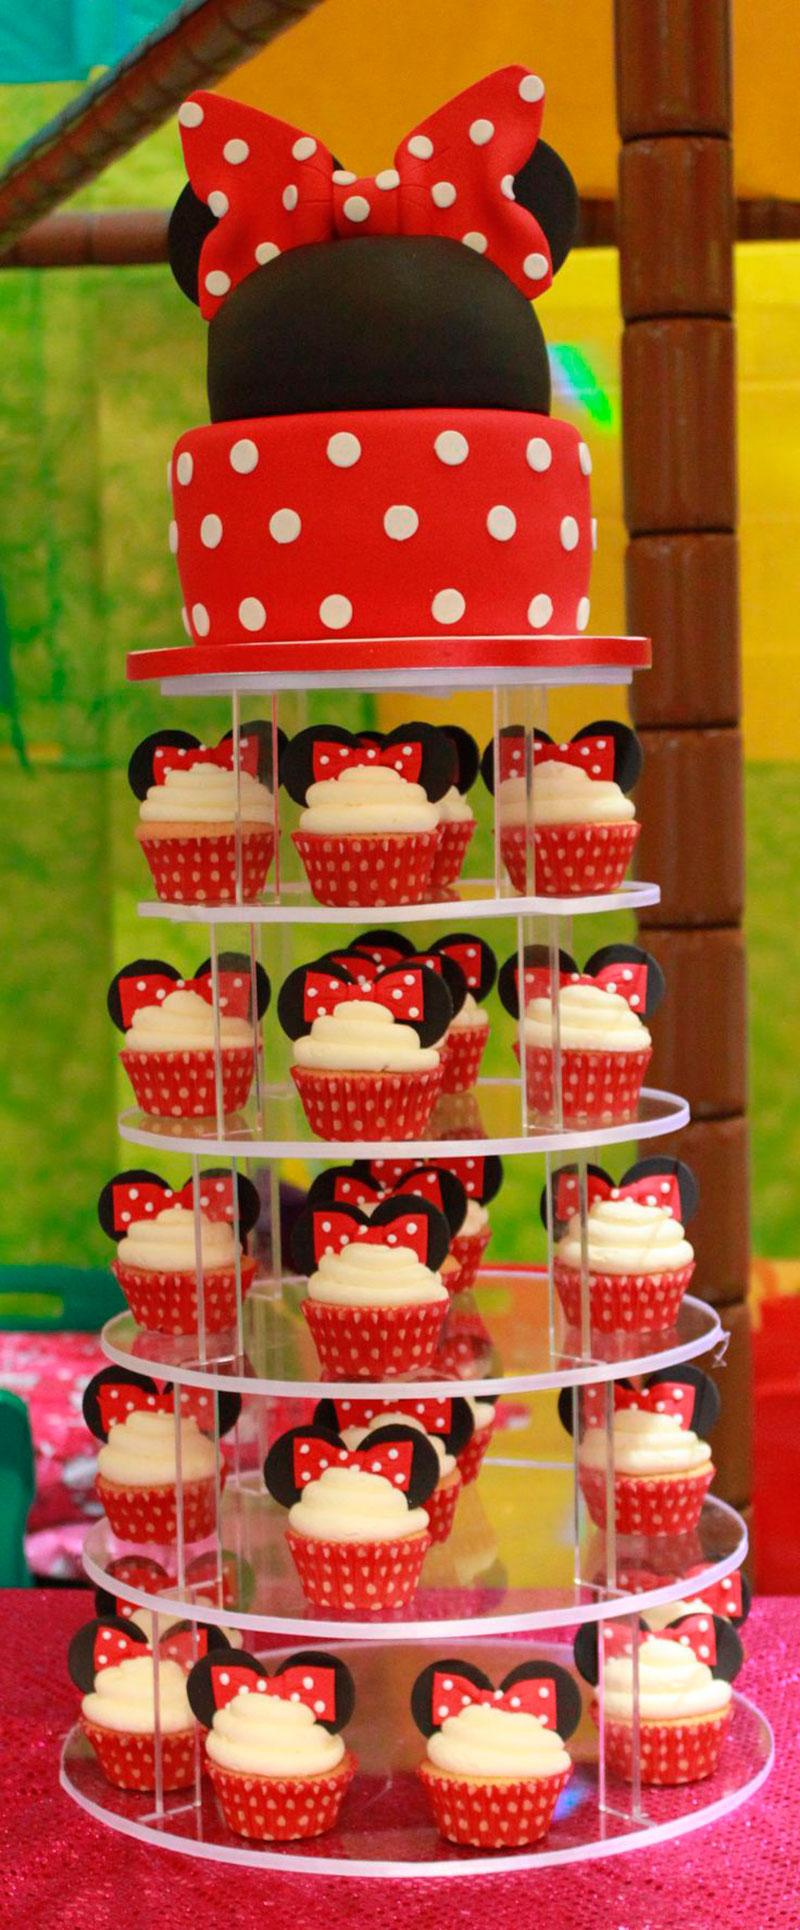 bolo com ajuda do cupcake